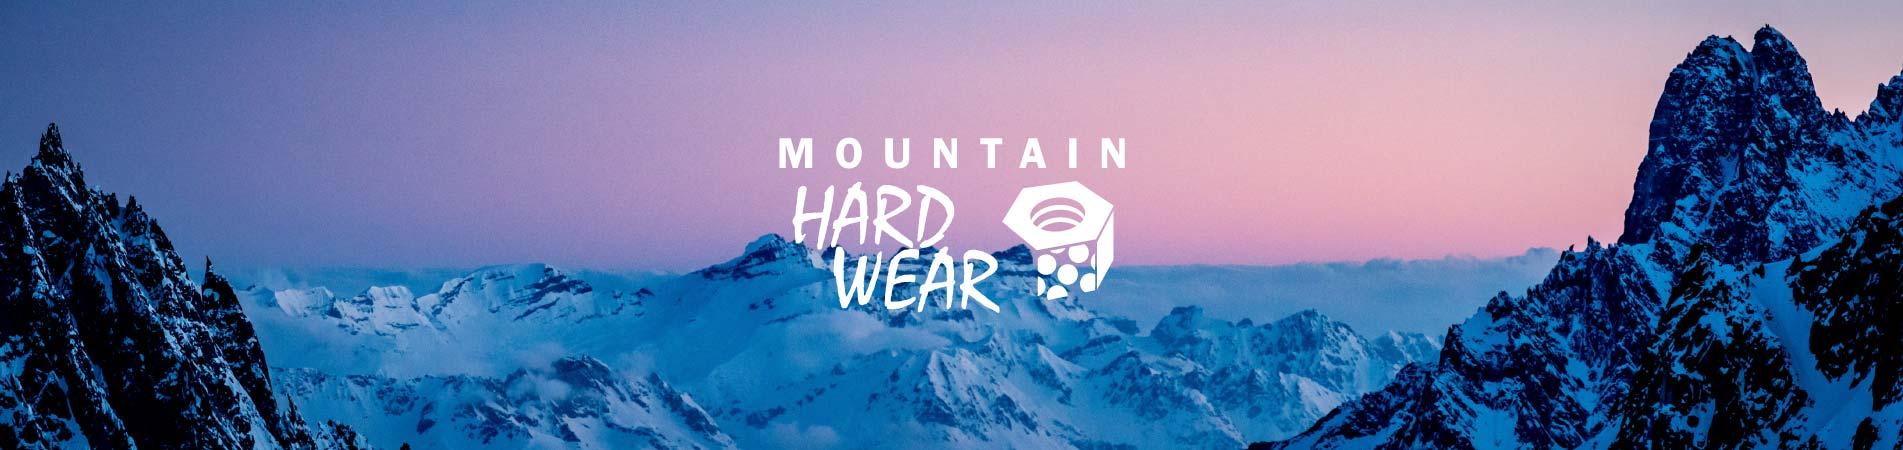 mountain-hardwear-brand-banner-v1r0.jpg